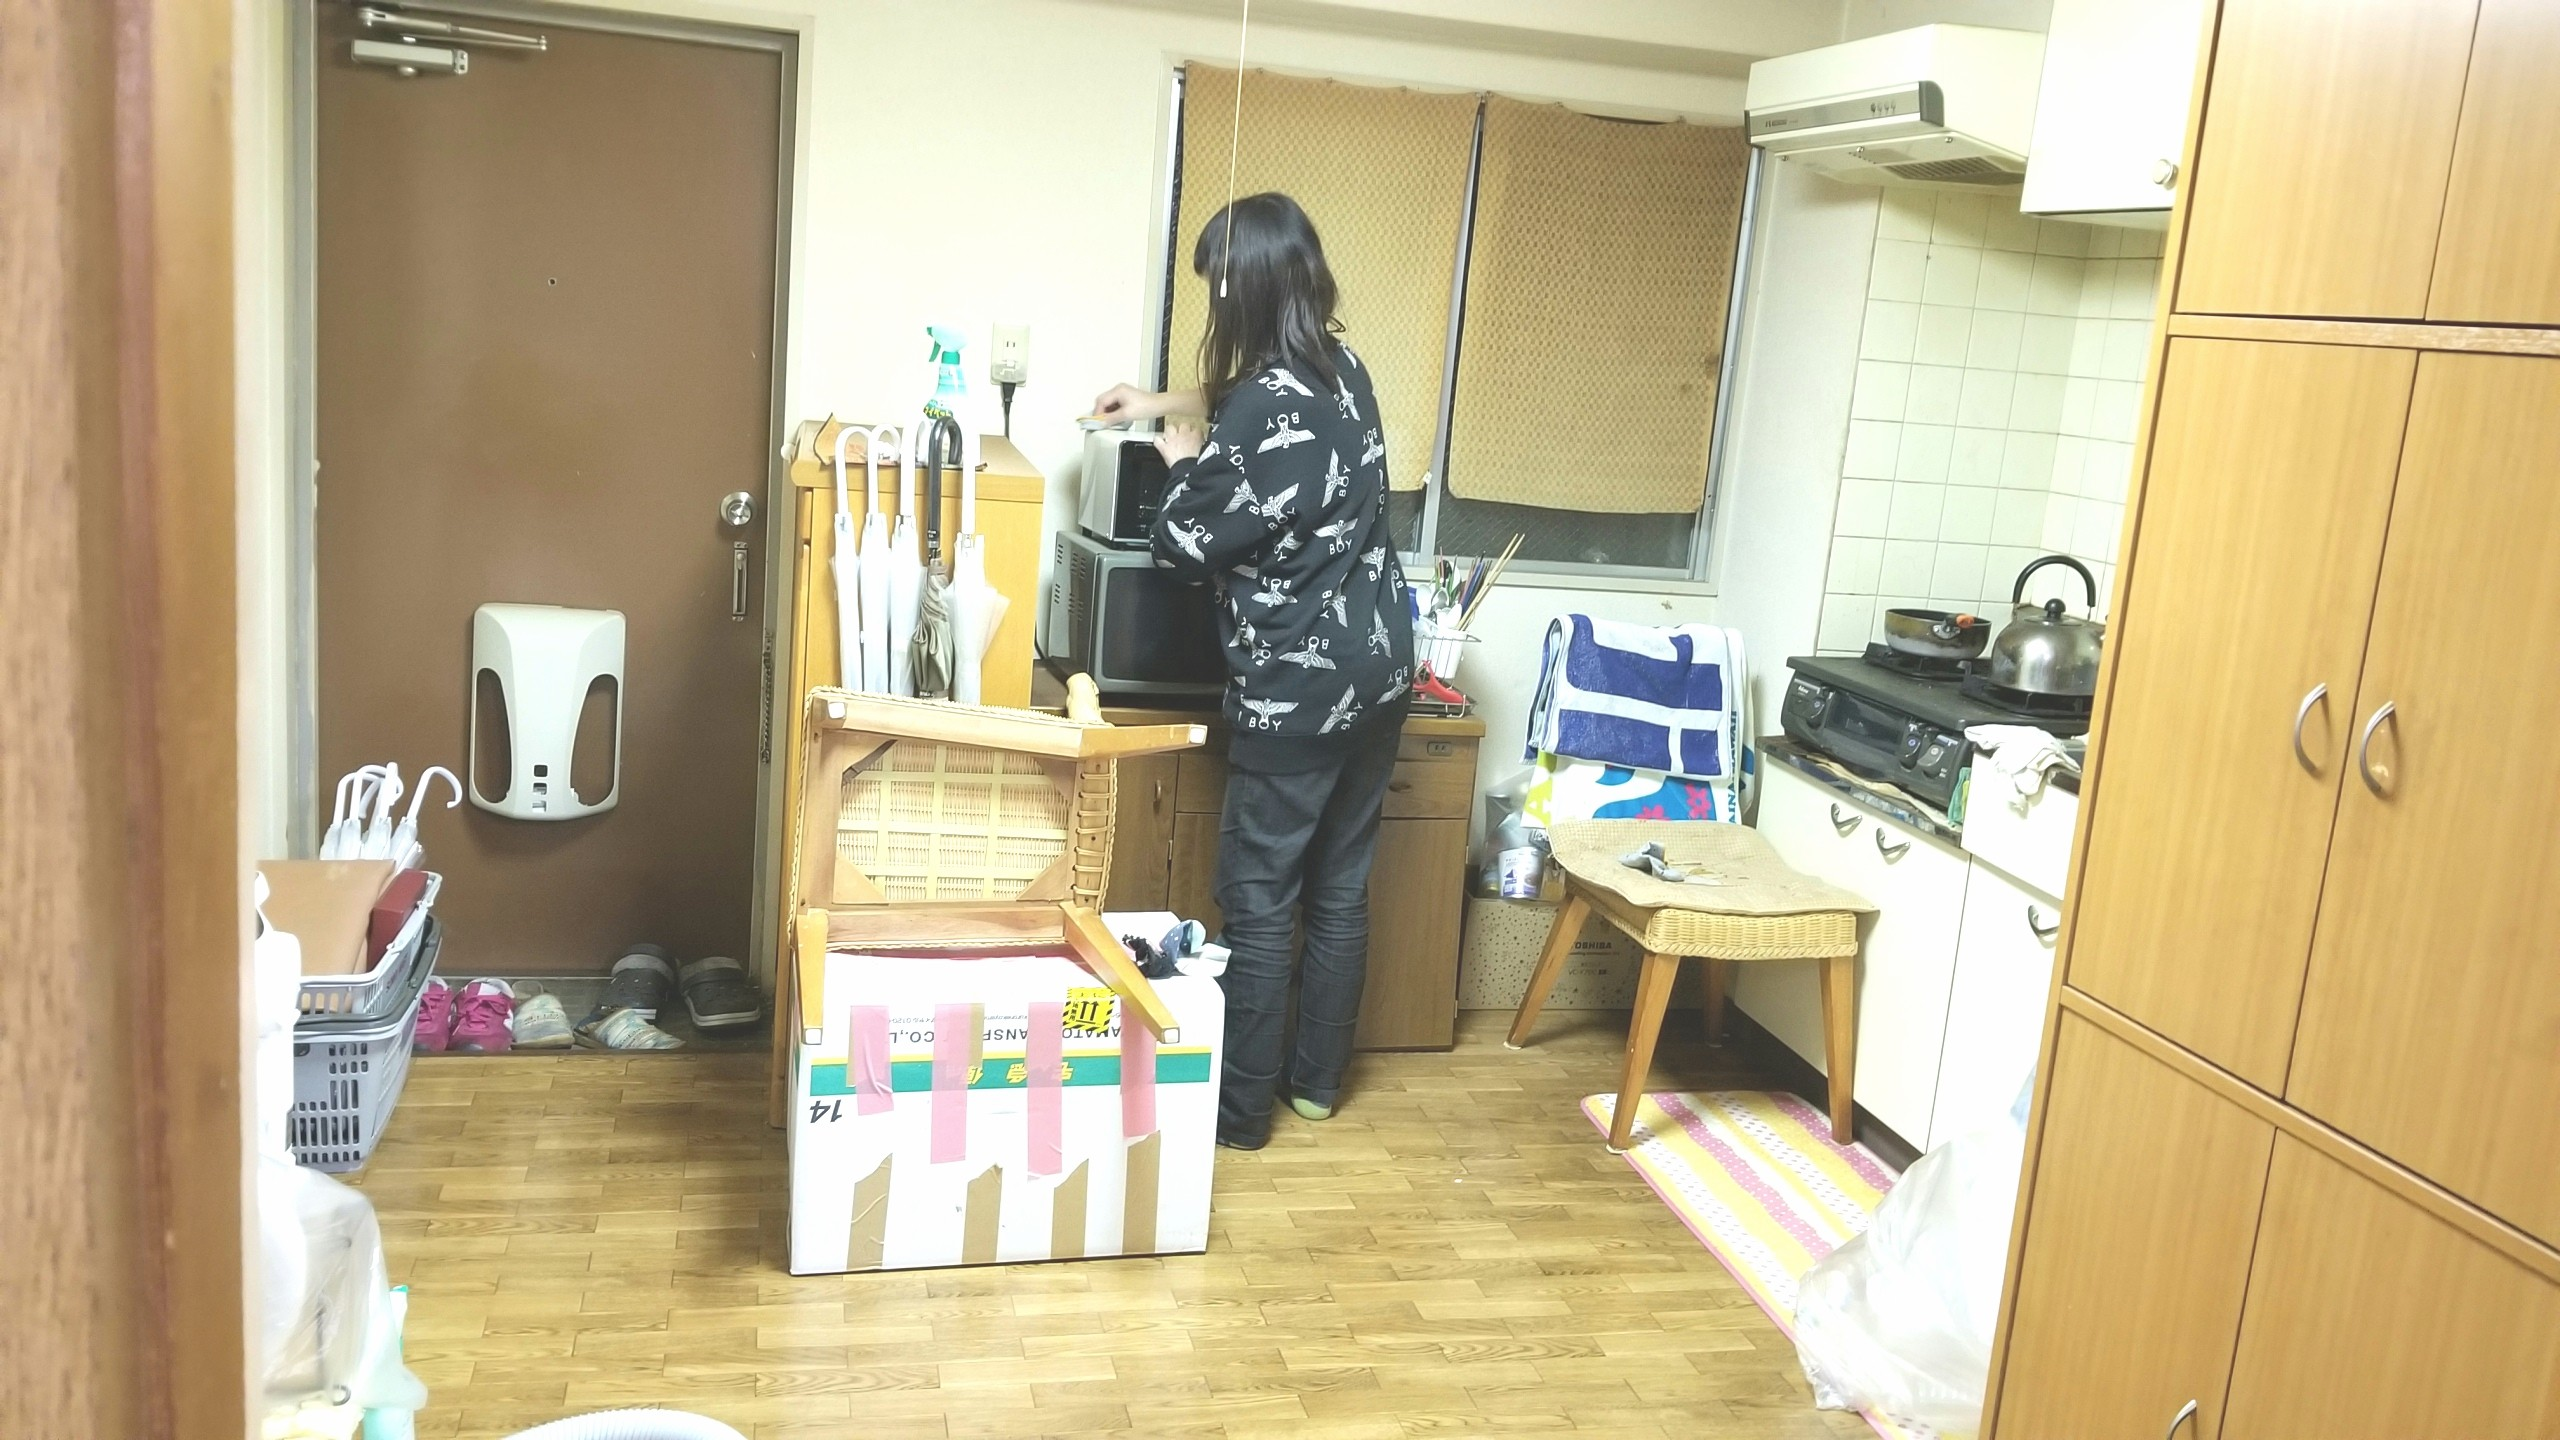 キッチンの大掃除,一人暮らしワンルームマンション,片付け,綺麗に